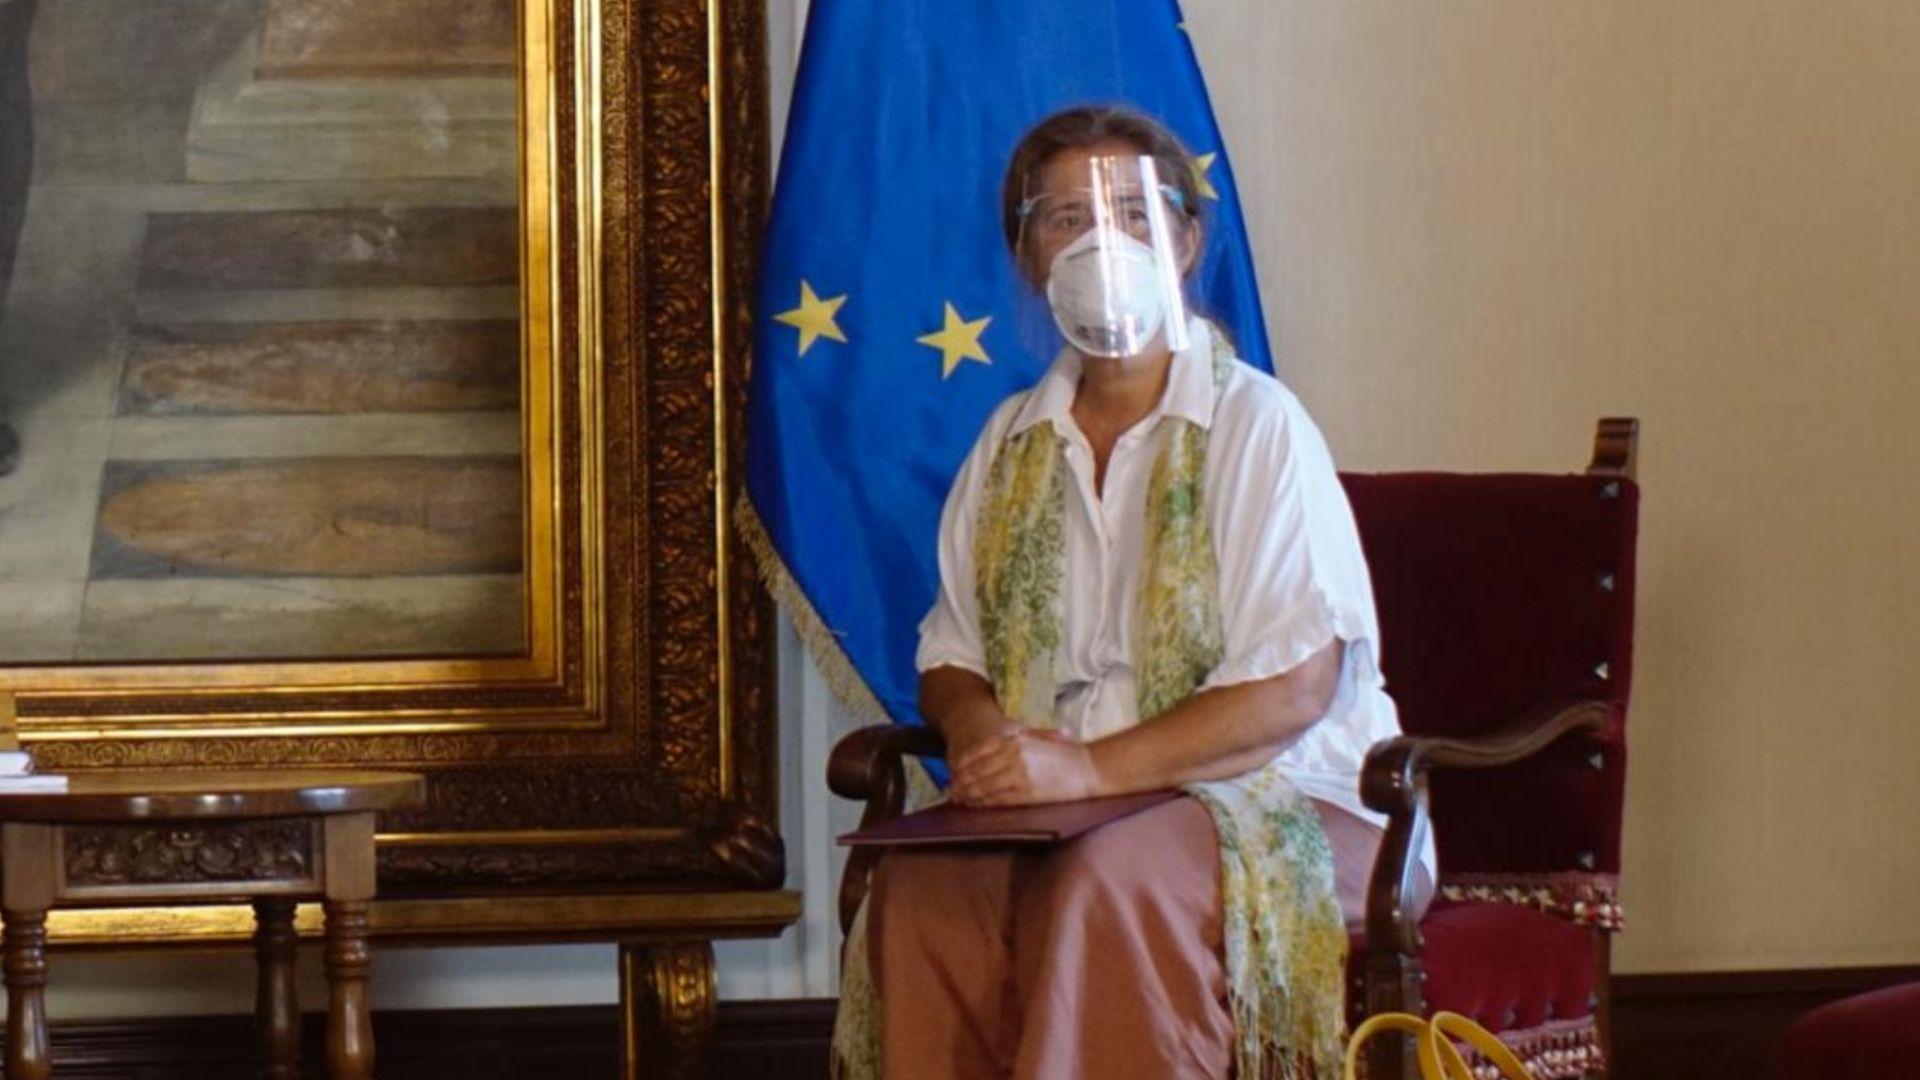 Embajadora de la UE se despide de Venezuela tras cumplirse plazo para su expulsión